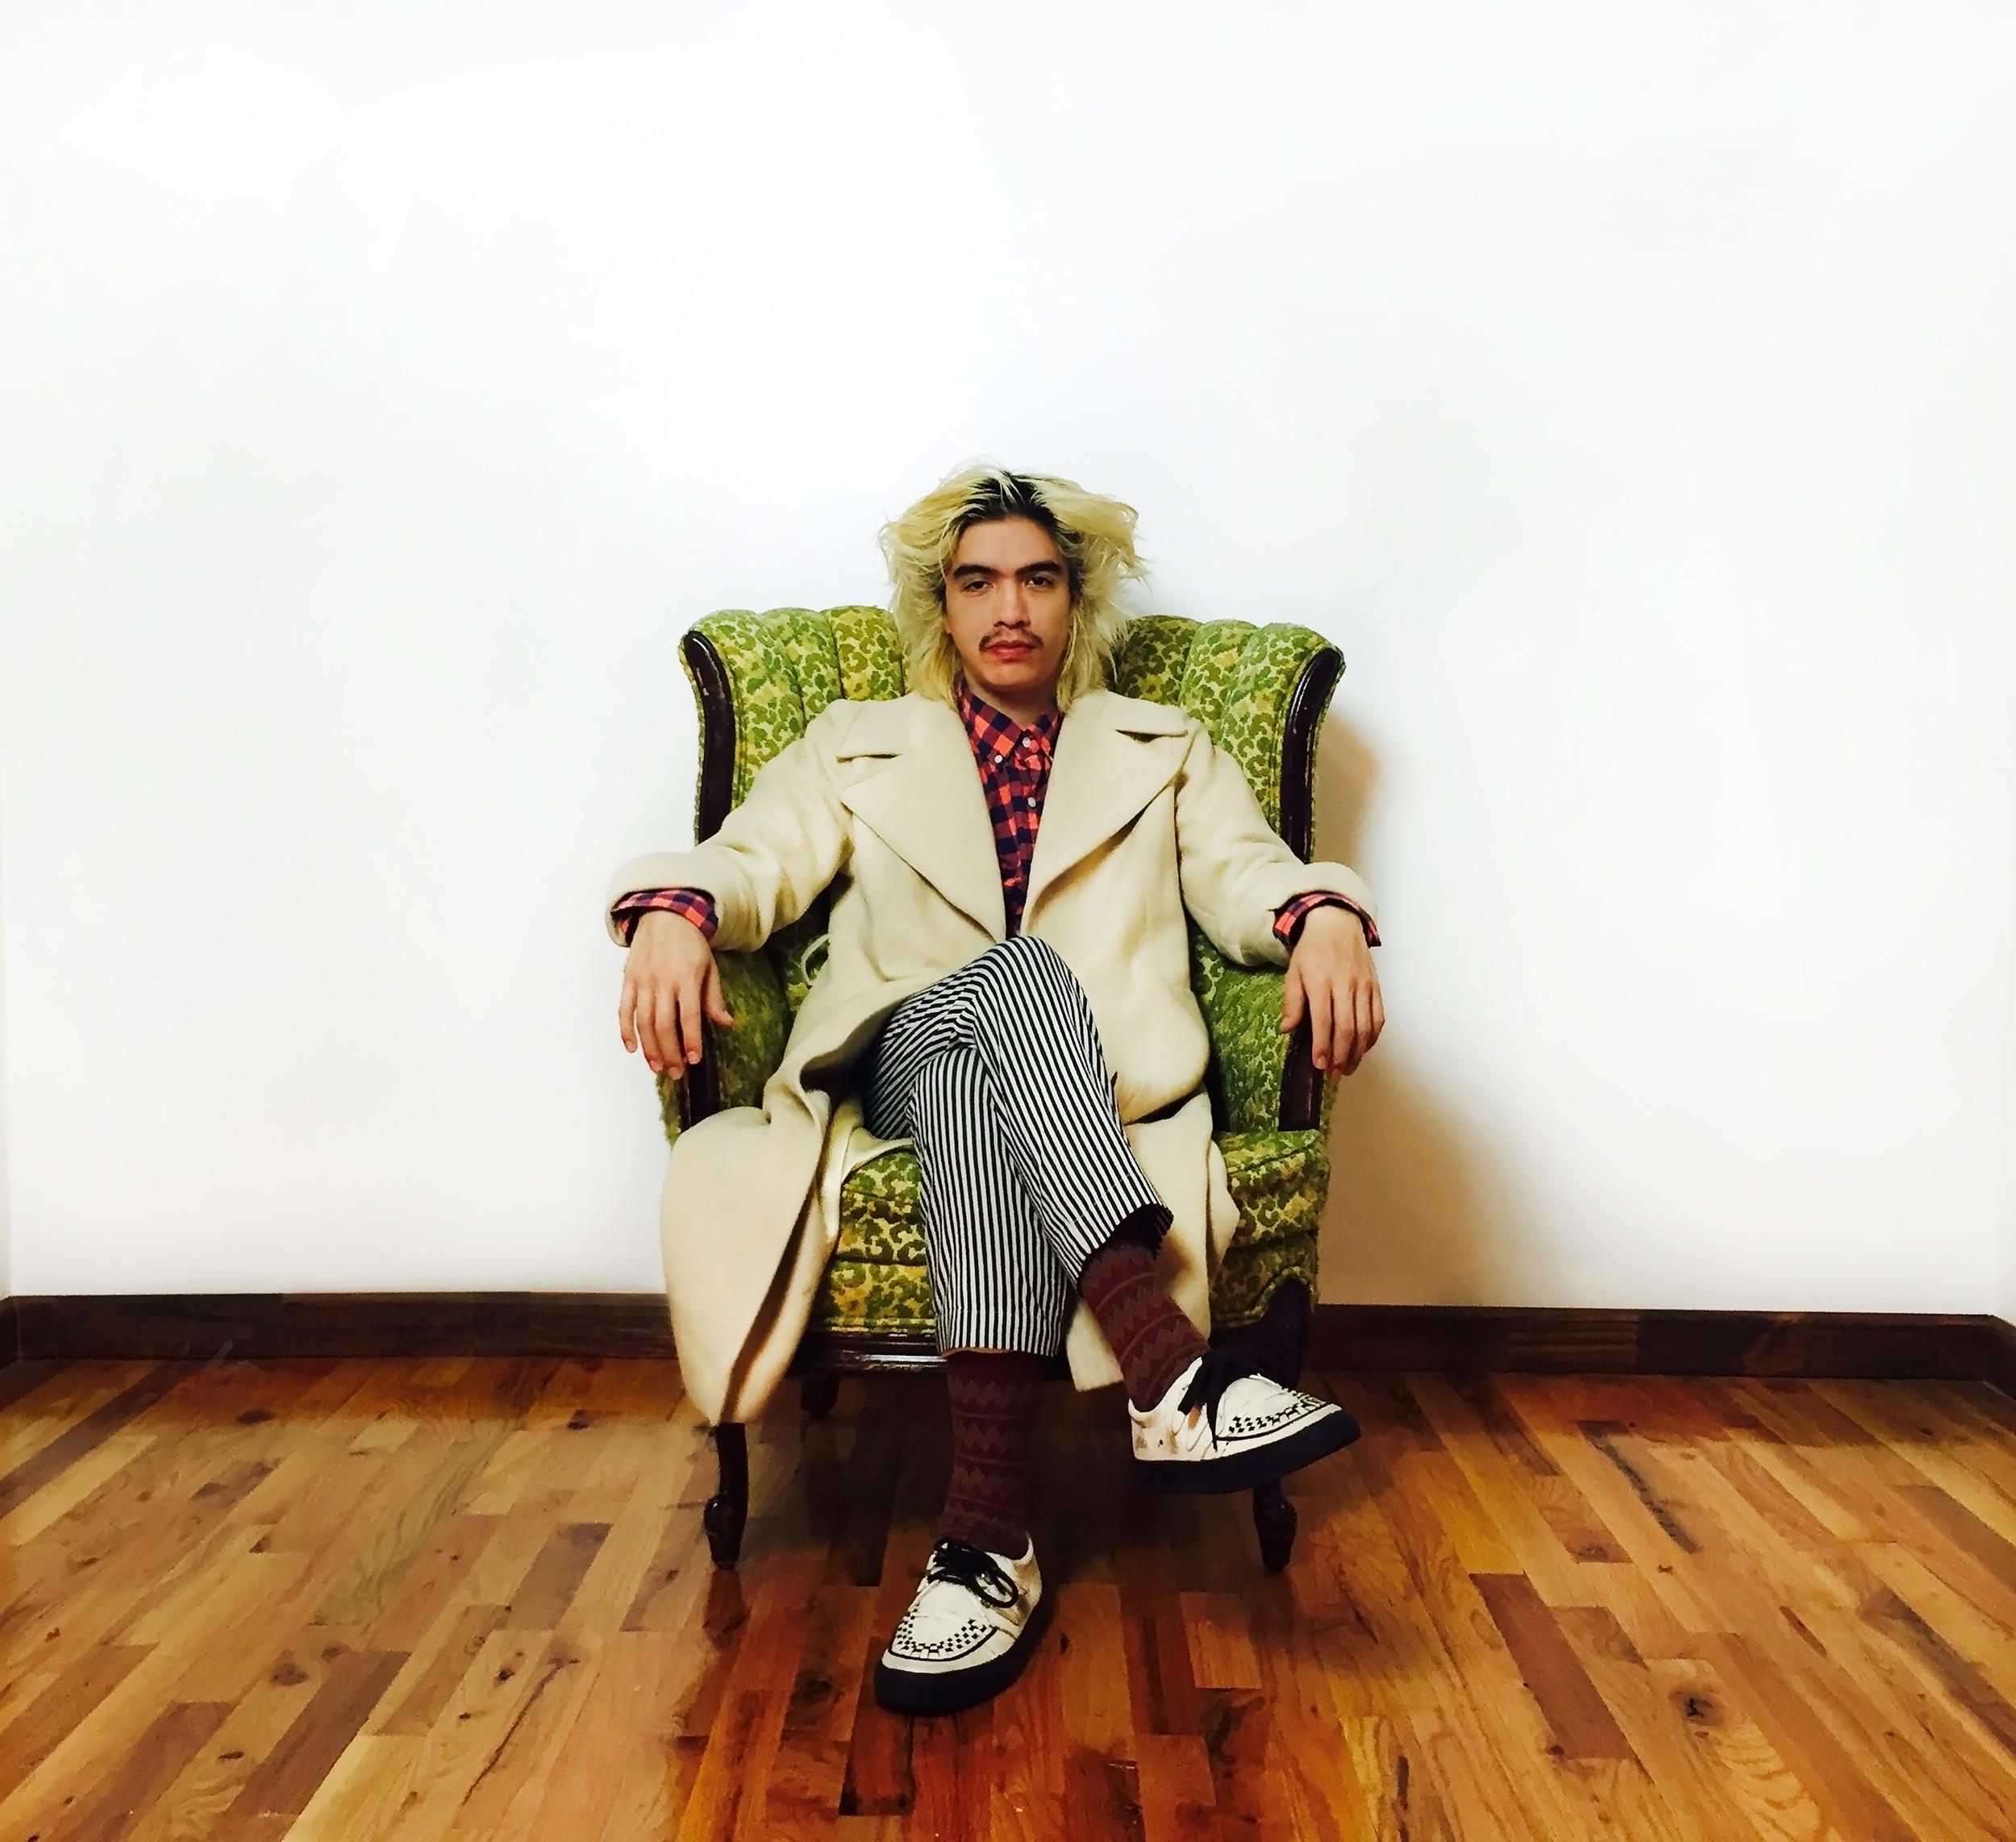 Julian Cubillos  Album: Evil  https://juliancubillos.bandcamp.com/album/evil